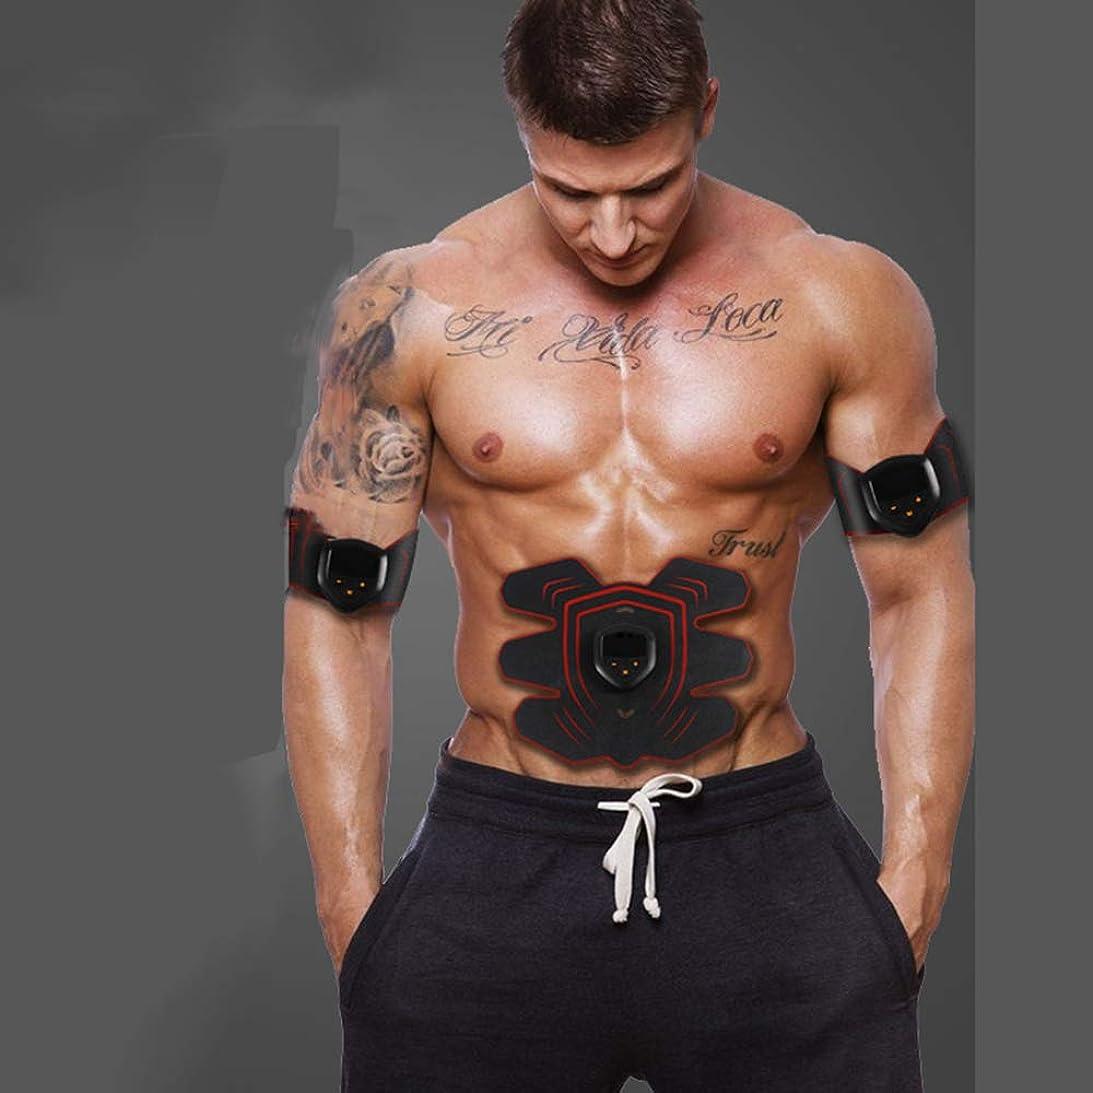 習熟度警察署枯渇するUSB電気腹部装置EMS筋肉刺激装置ボディフィットネスマッサージ装置腹筋運動スポーツフィットネス機器ユニセックス